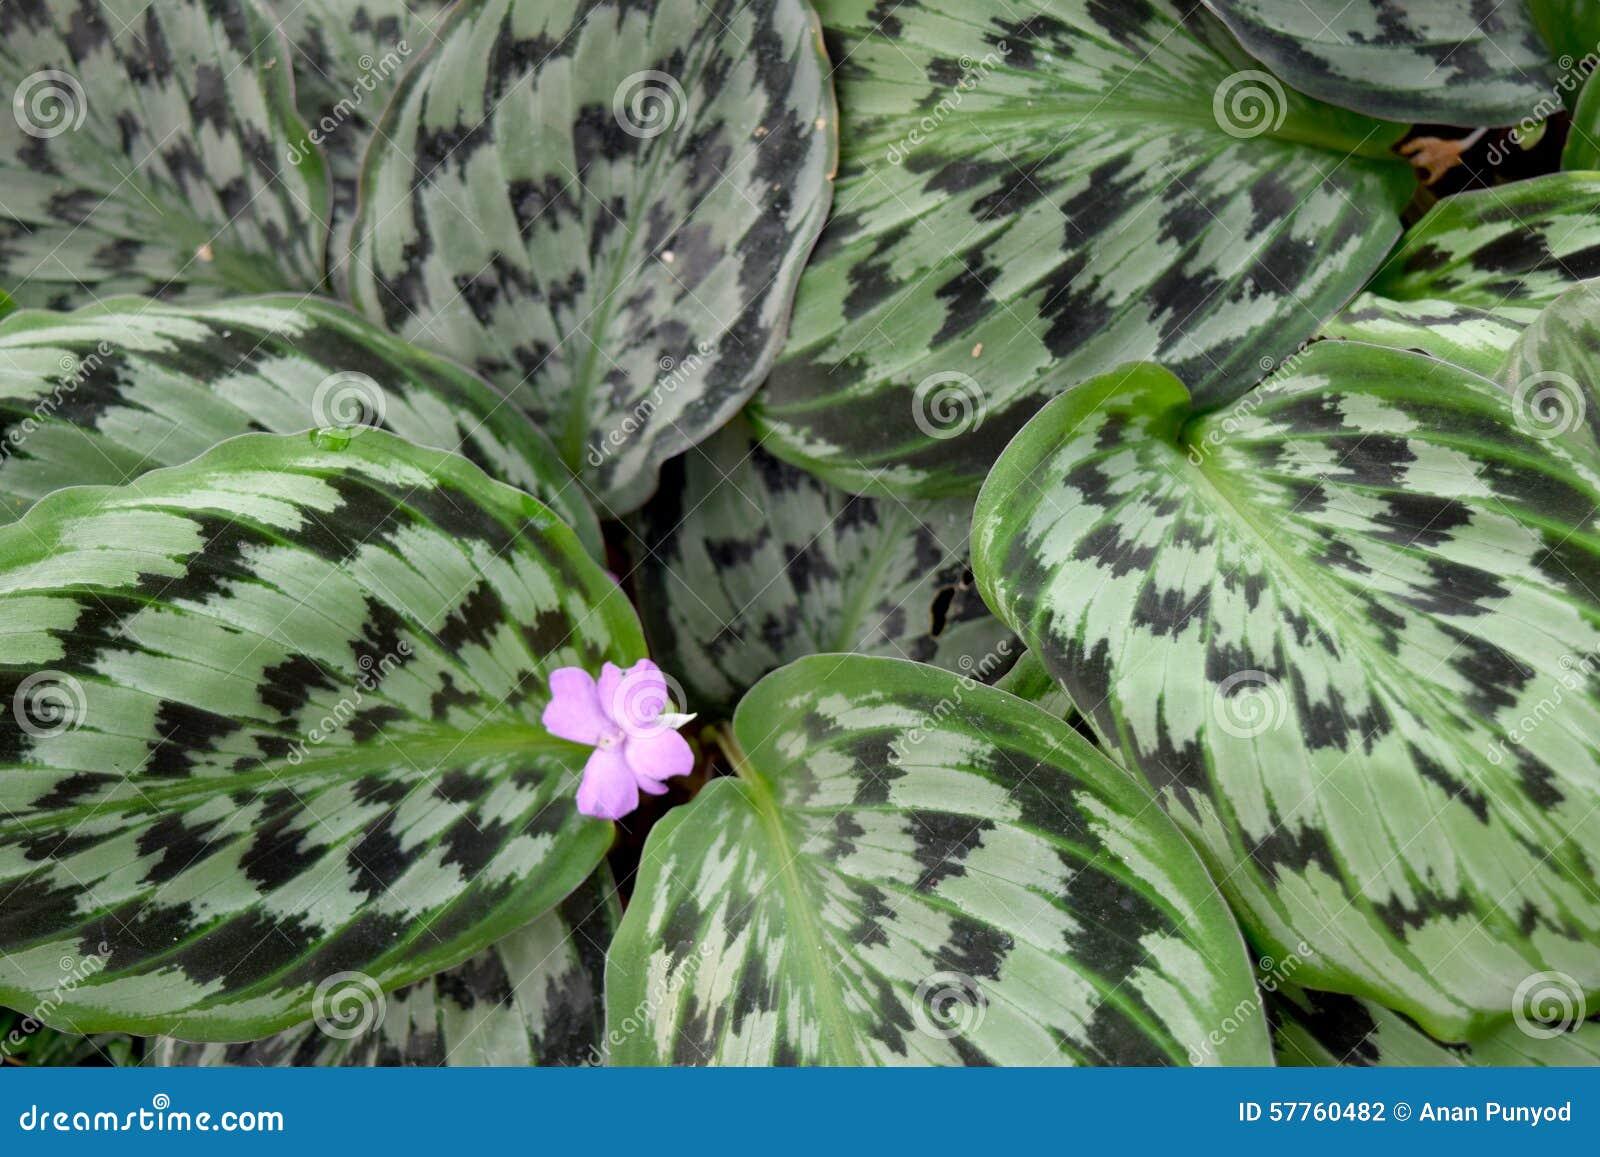 Medicinalväxt - MARANTHACEAE, Calathea picturata (lind) K Kosh & lindCV Vandenheckei